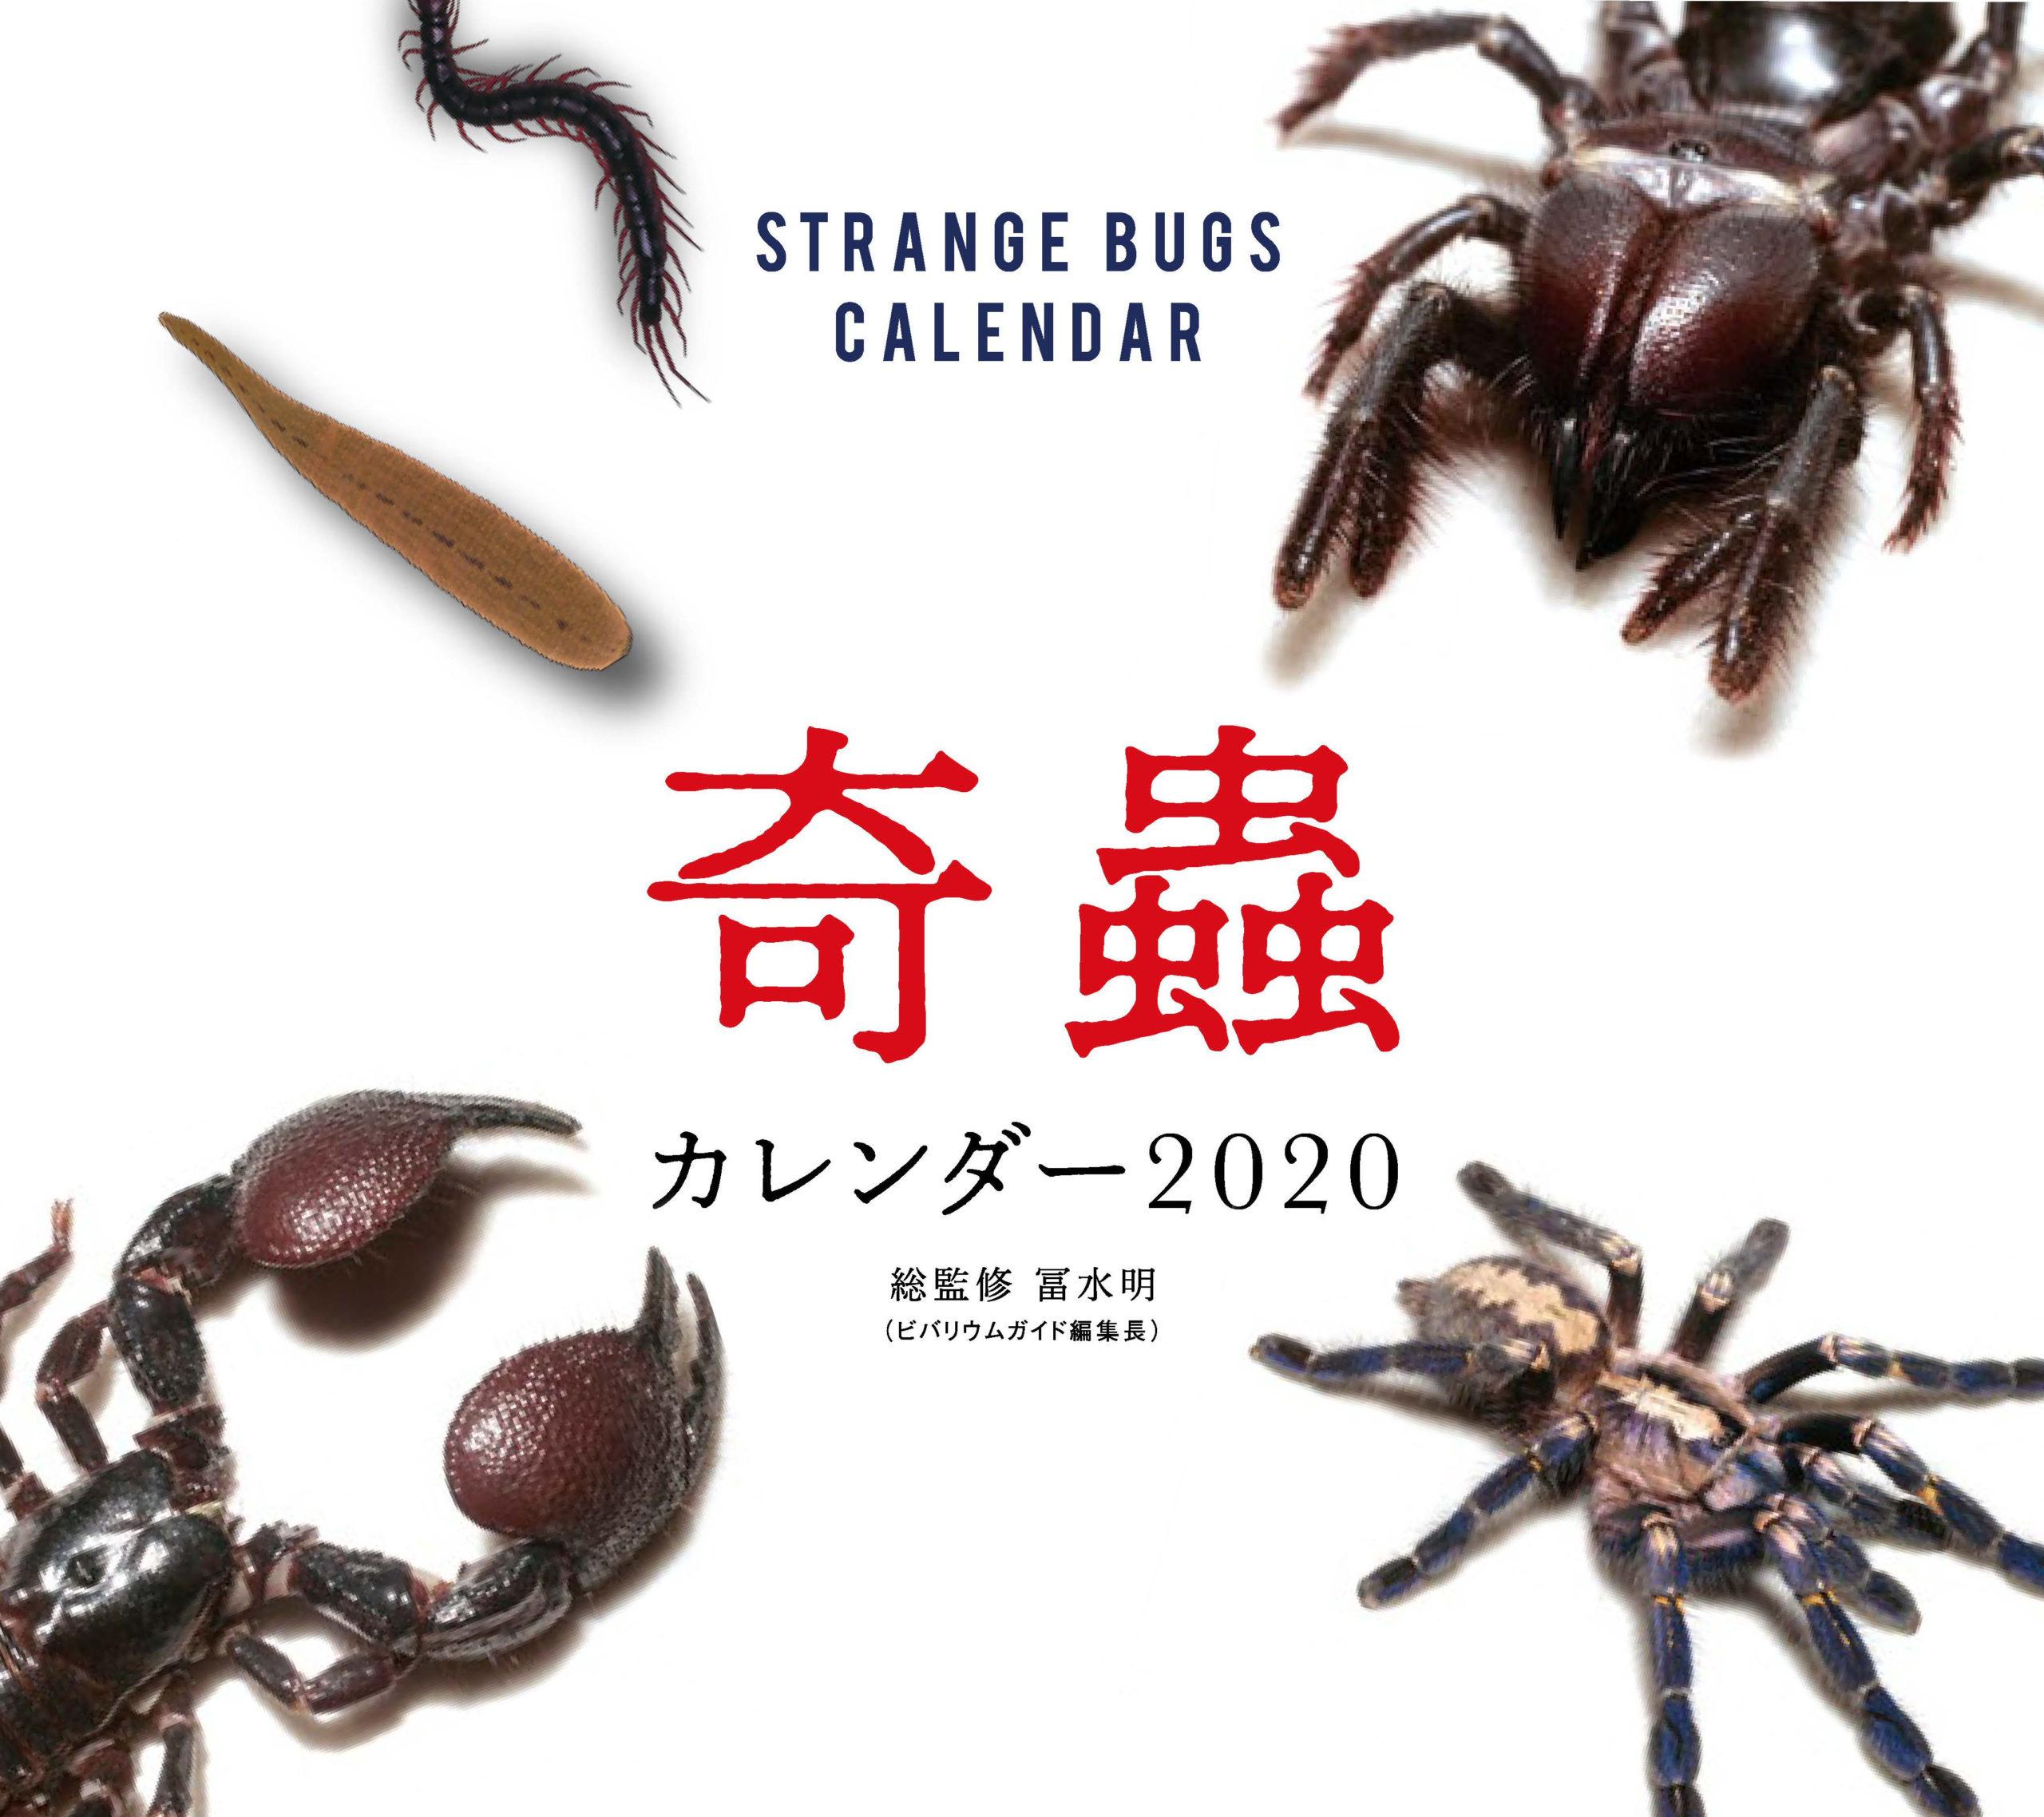 奇蟲 カレンダー 2020